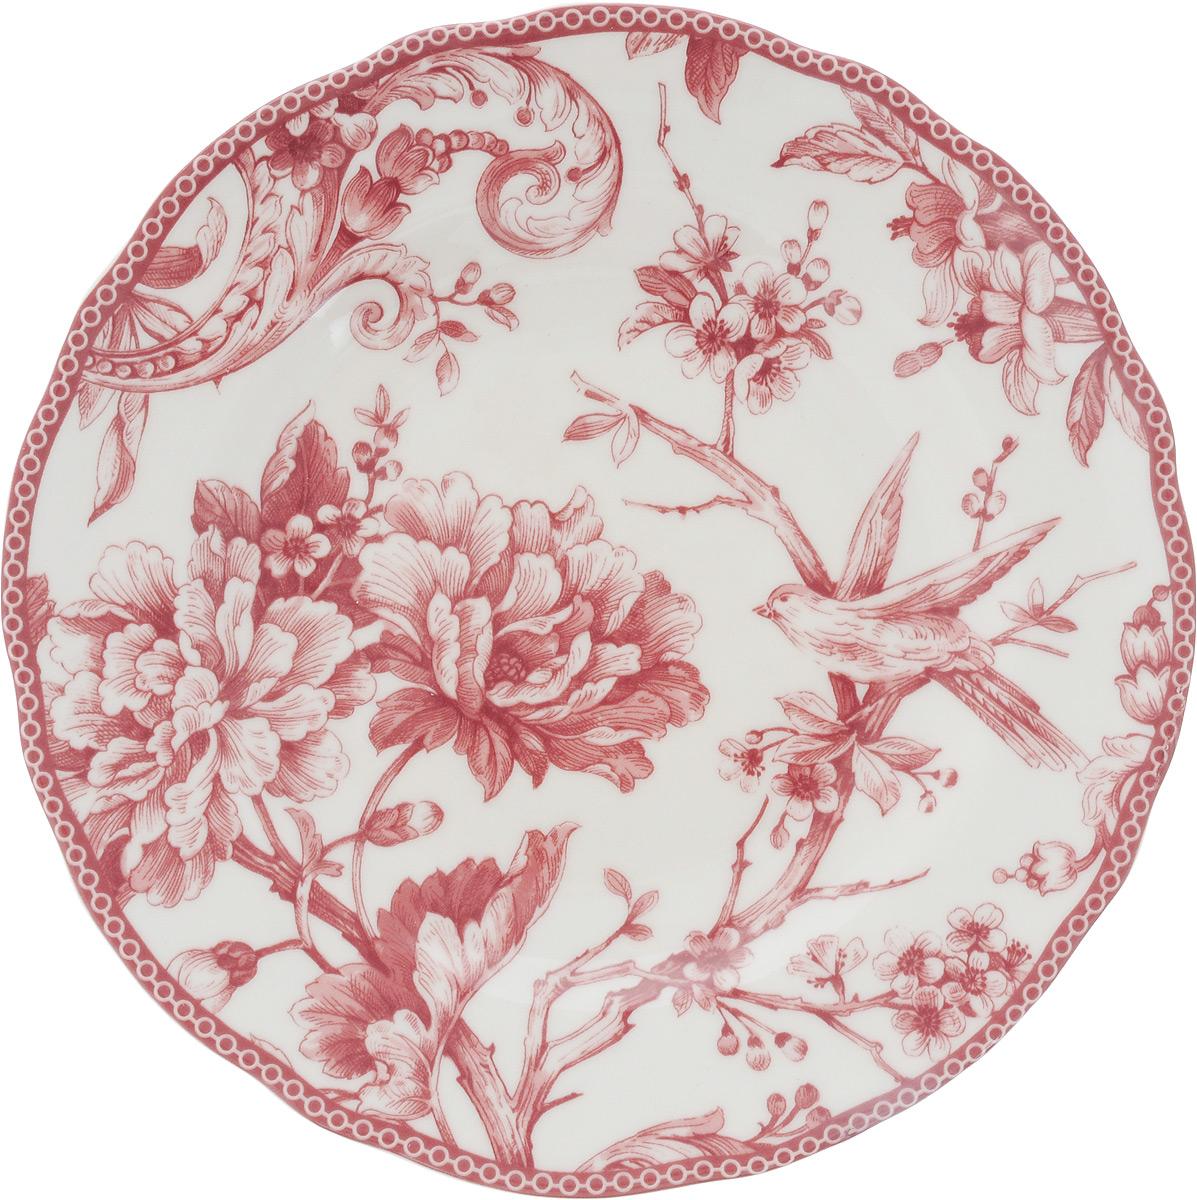 """Десертная тарелка Sango Ceramics """"Аделаида Бордо"""", изготовленная из высококачественной керамики, имеет изысканный внешний вид. Такая тарелка прекрасно подходит как для торжественных случаев, так и для повседневного использования. Идеальна для подачи десертов, пирожных, тортов и многого другого. Она прекрасно оформит стол и станет отличным дополнением к вашей коллекции кухонной посуды.Можно использовать в посудомоечной машине и СВЧ.Диаметр тарелки: 22 см.Высота тарелки: 3 см."""